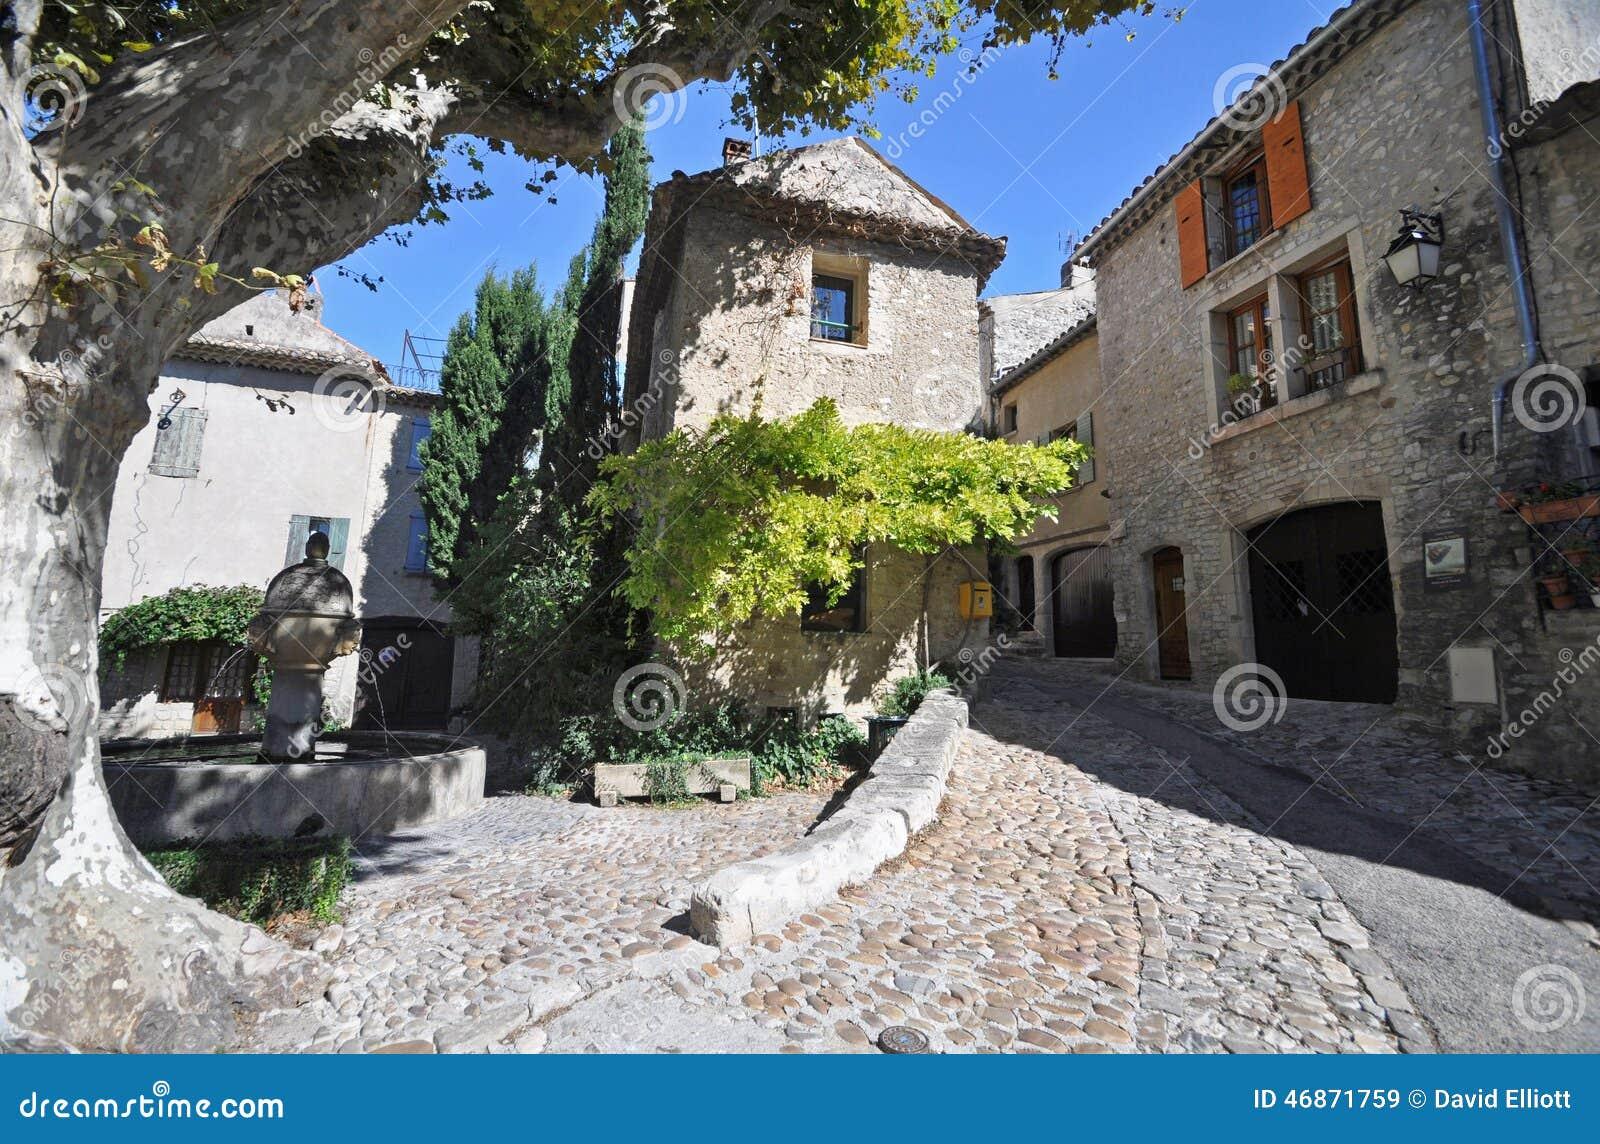 Place du vieux marche vaison la romaine vancluse in - Office du tourisme de vaison la romaine ...